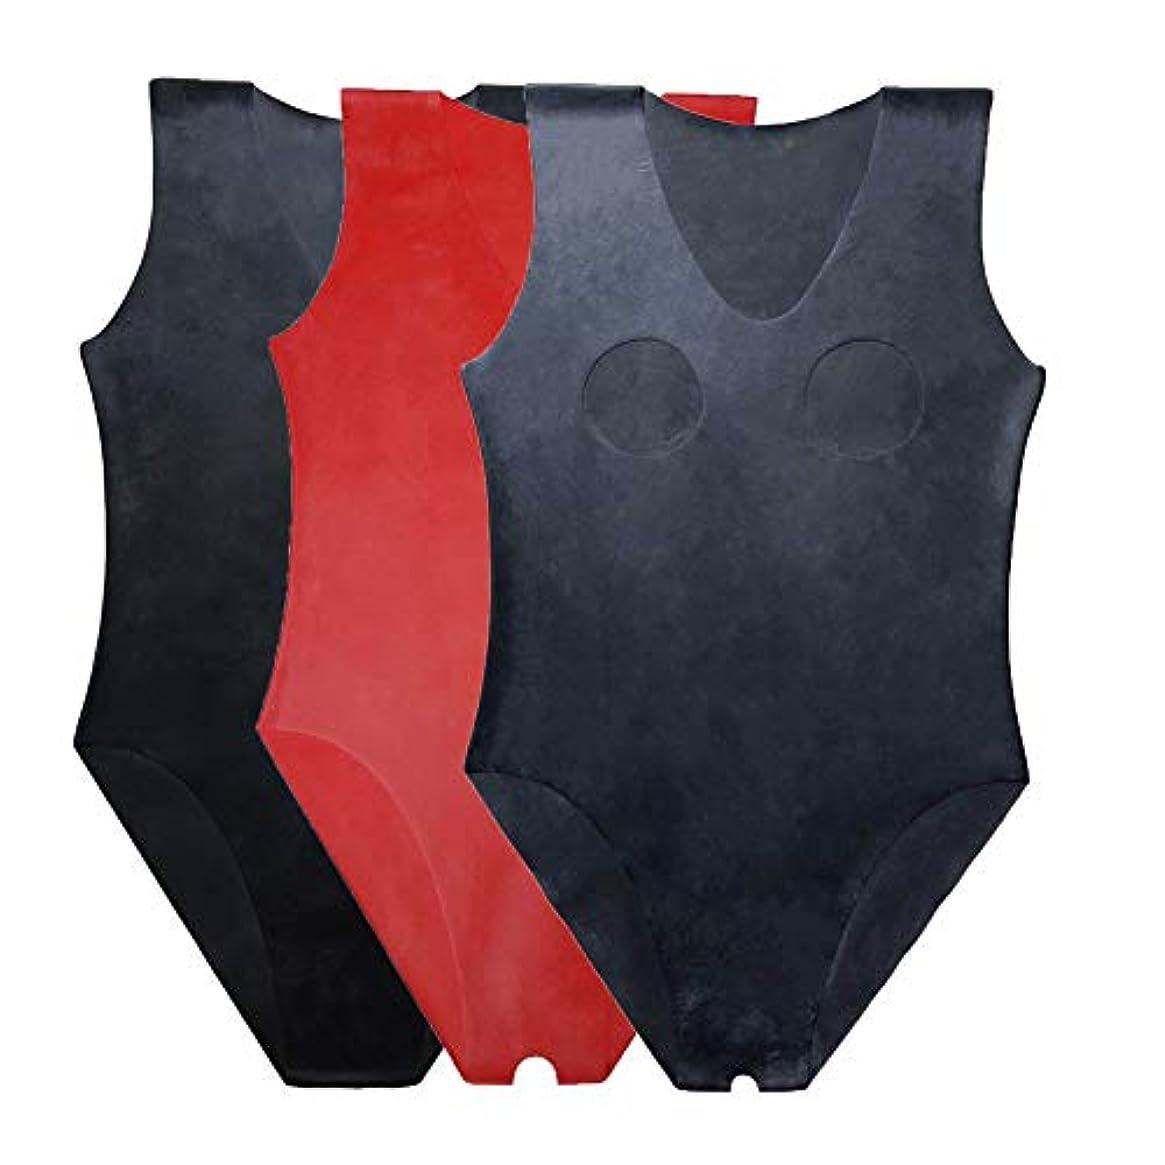 EXLATEX ラテックス ボディスーツ 女性水着 ラテックス ラバー グミ レオタード ブラック カップレス ラテックス キャットスーツ